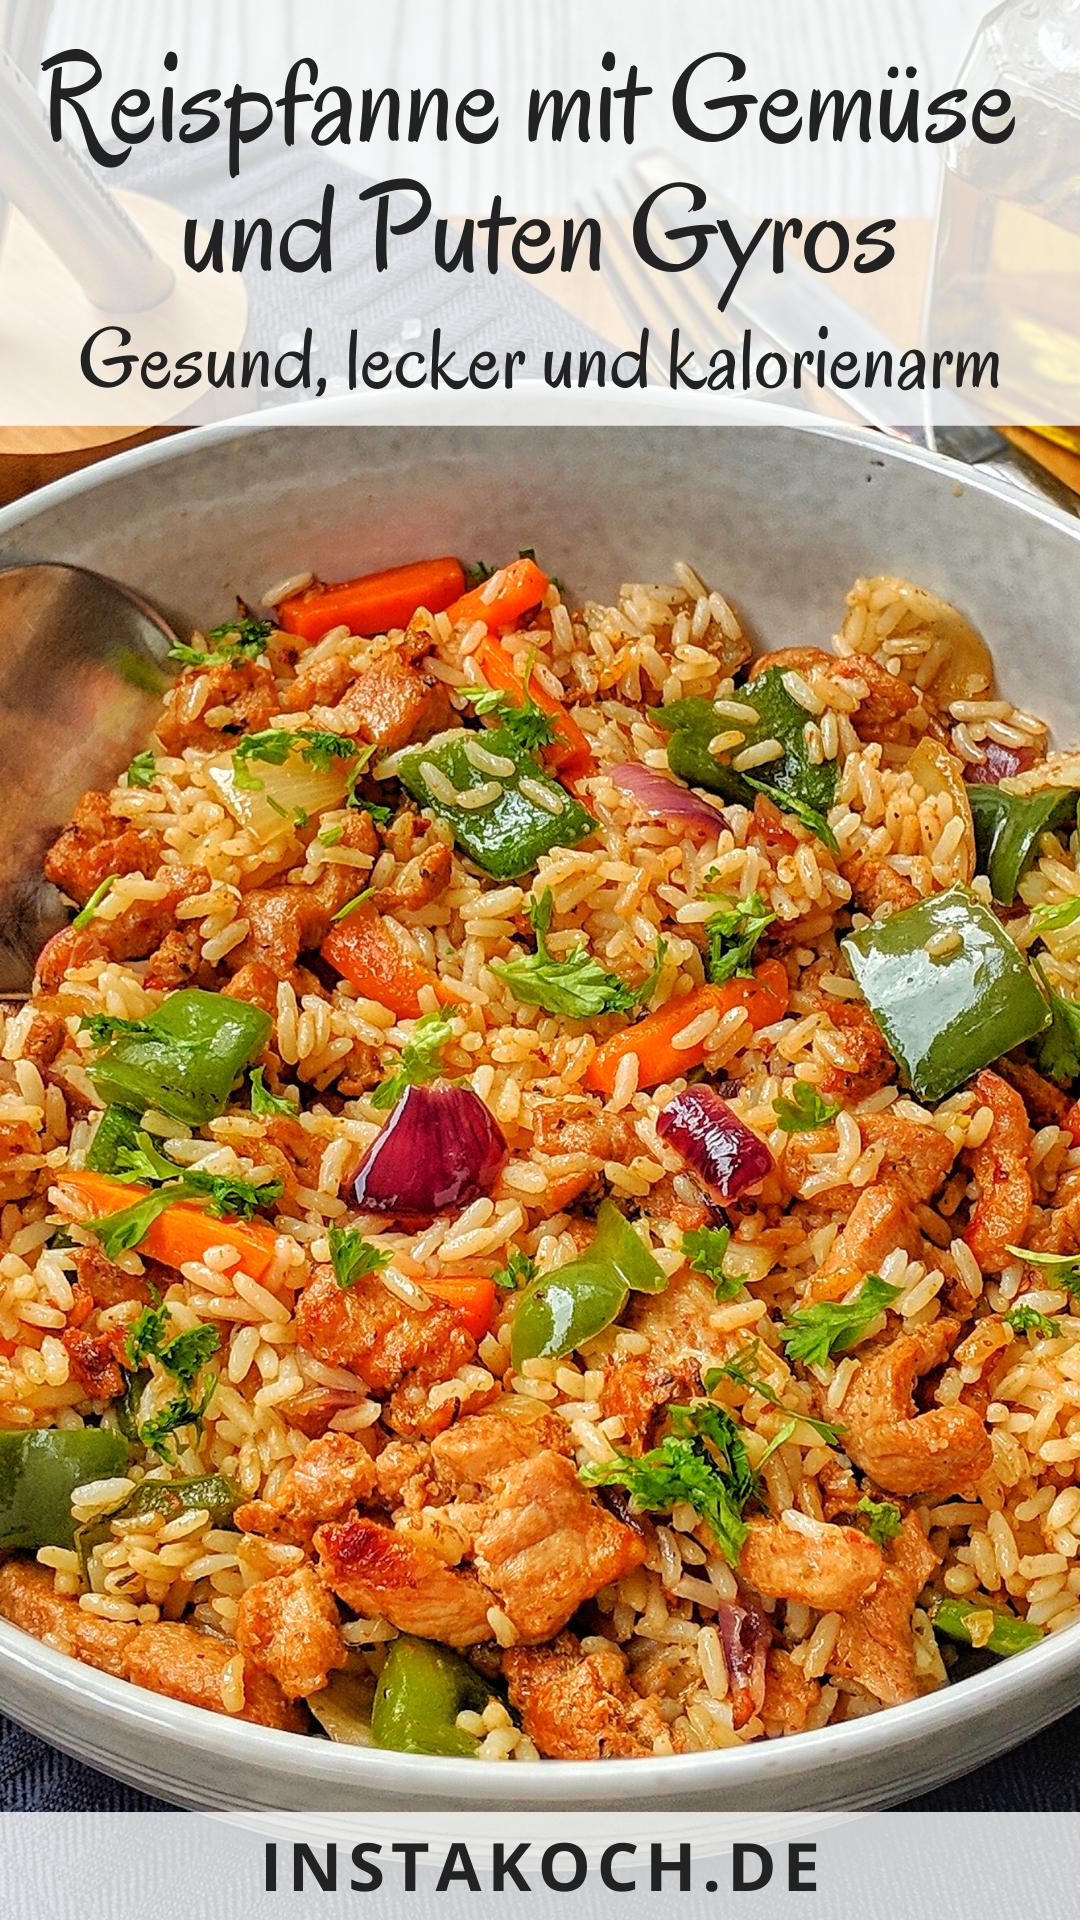 Reispfanne mit frischem Gemüse und Putengyros - we